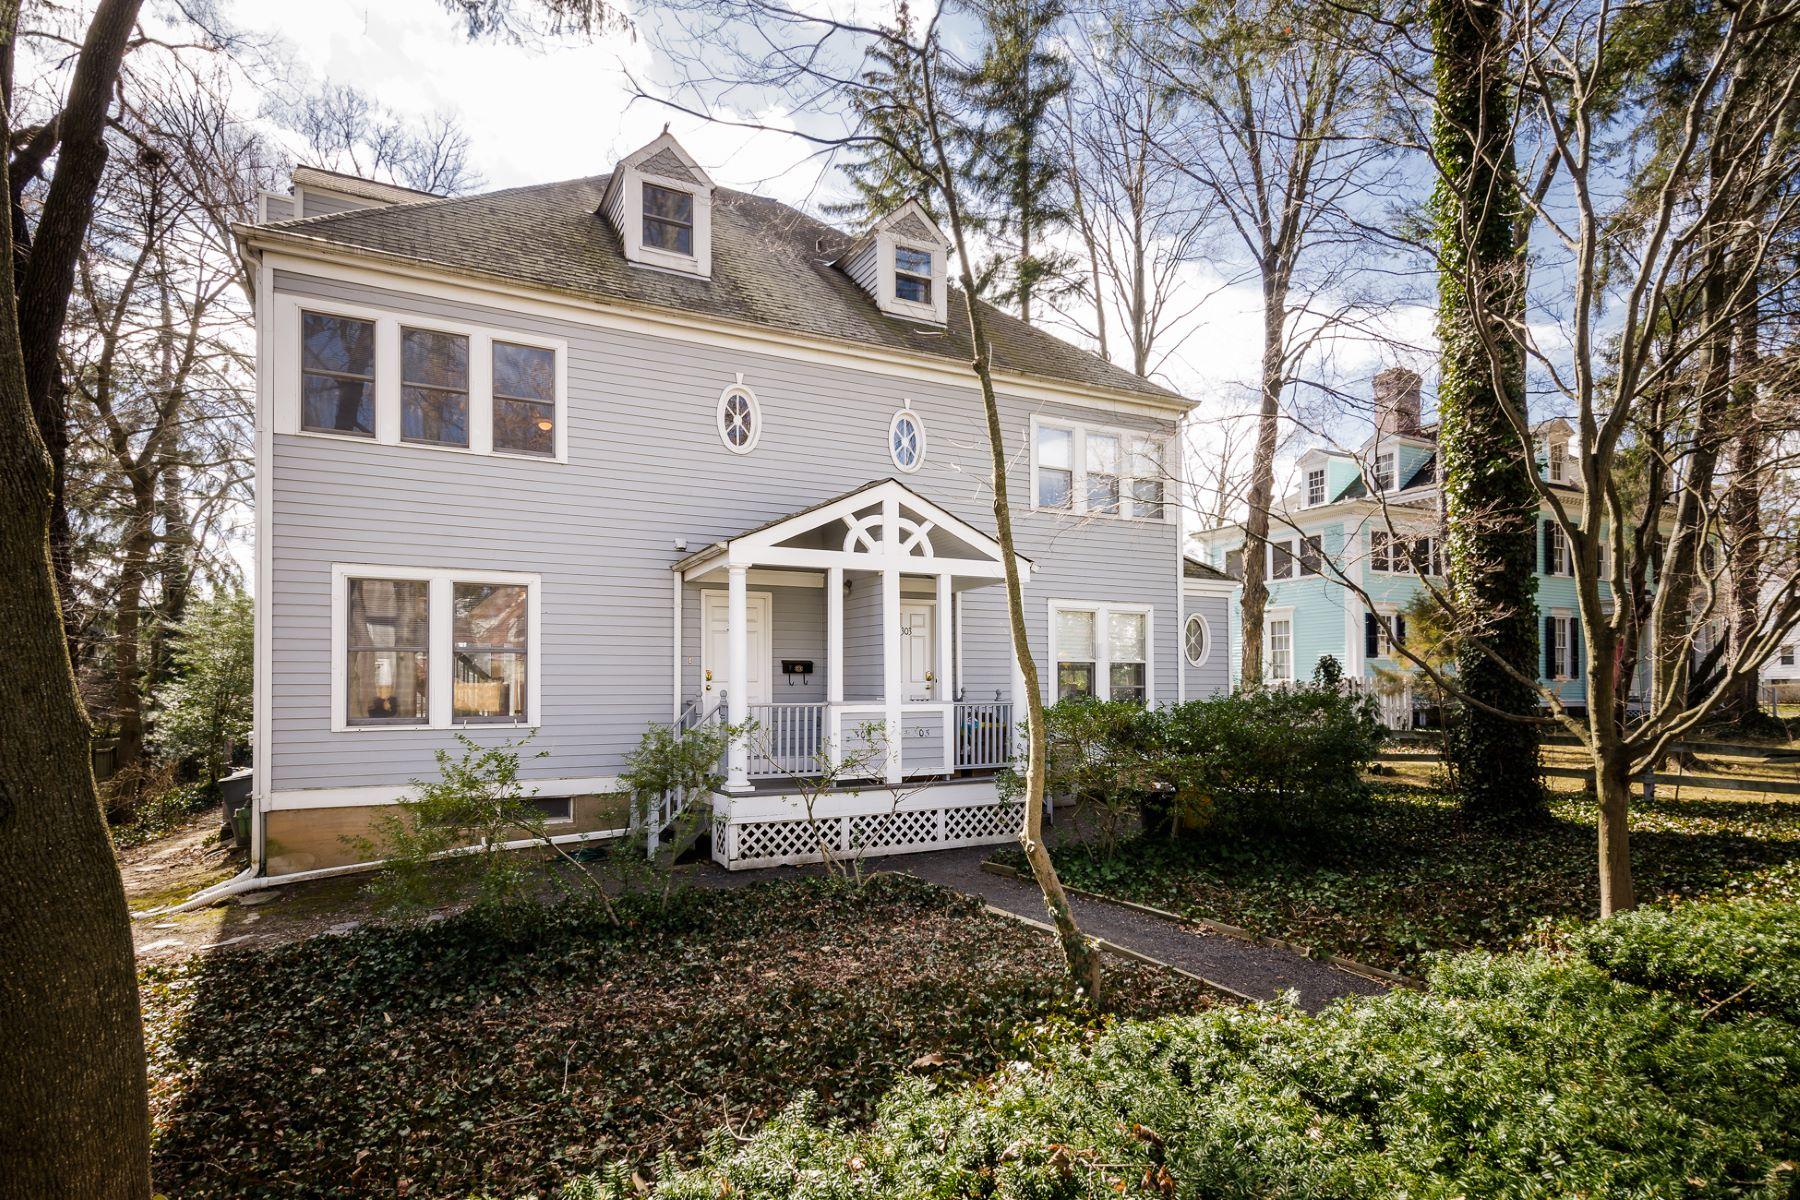 Casa Unifamiliar por un Venta en Sunny Townhome, Perfectly Poised on Nassau Street 305 Nassau Street Princeton, Nueva Jersey, 08540 Estados Unidos